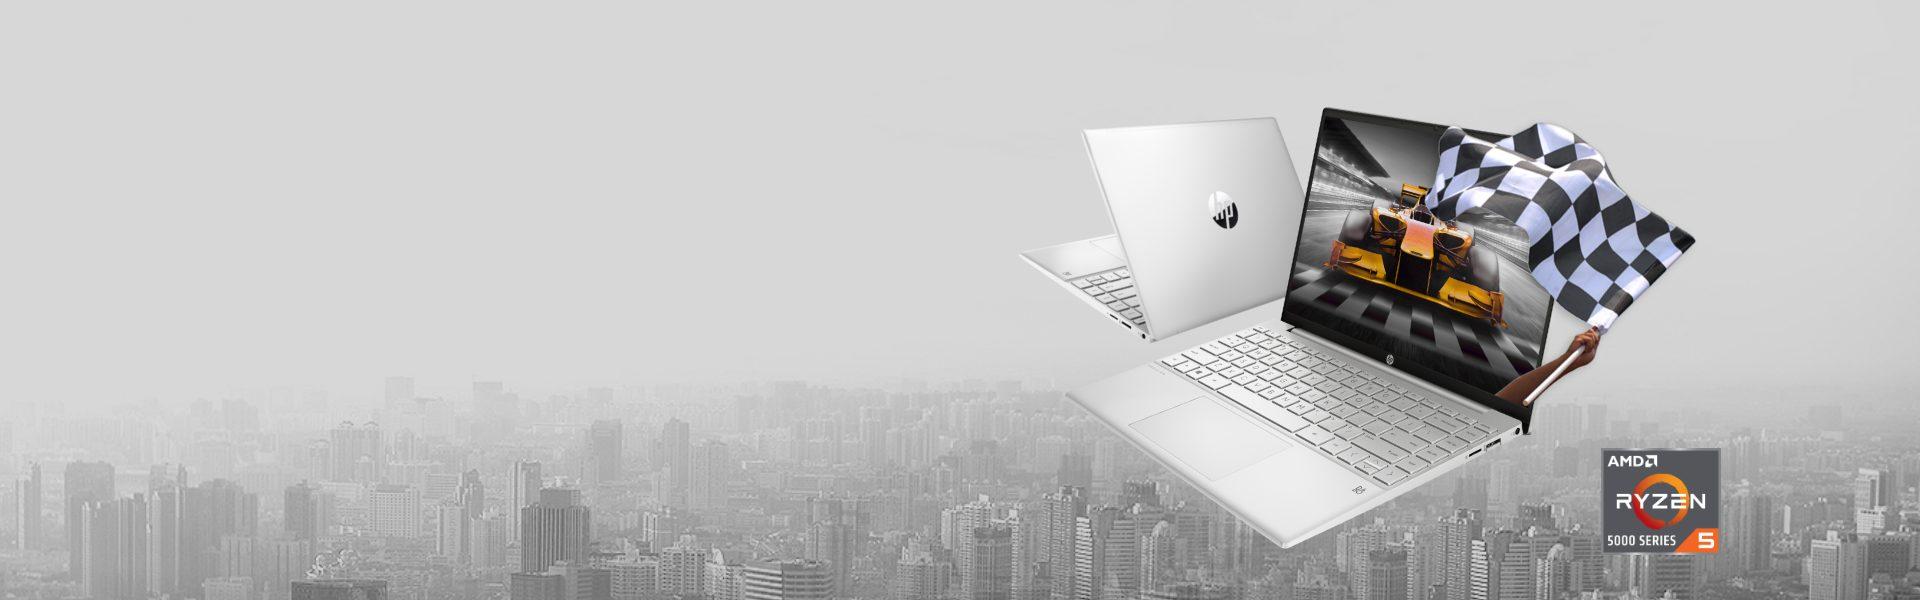 HP AMD Demand Gen